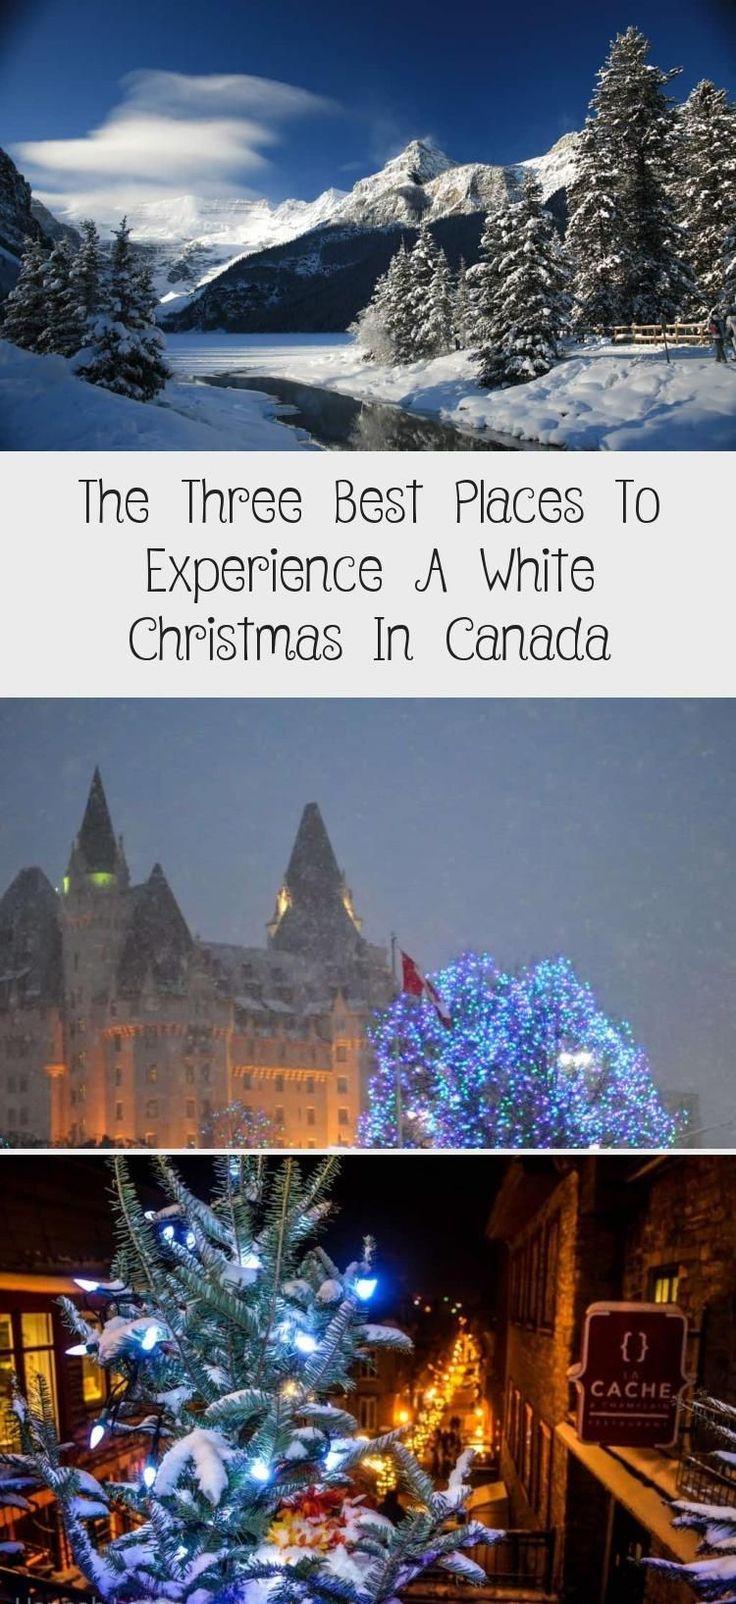 Die drei besten Orte, um ein weißes Weihnachtsfest in